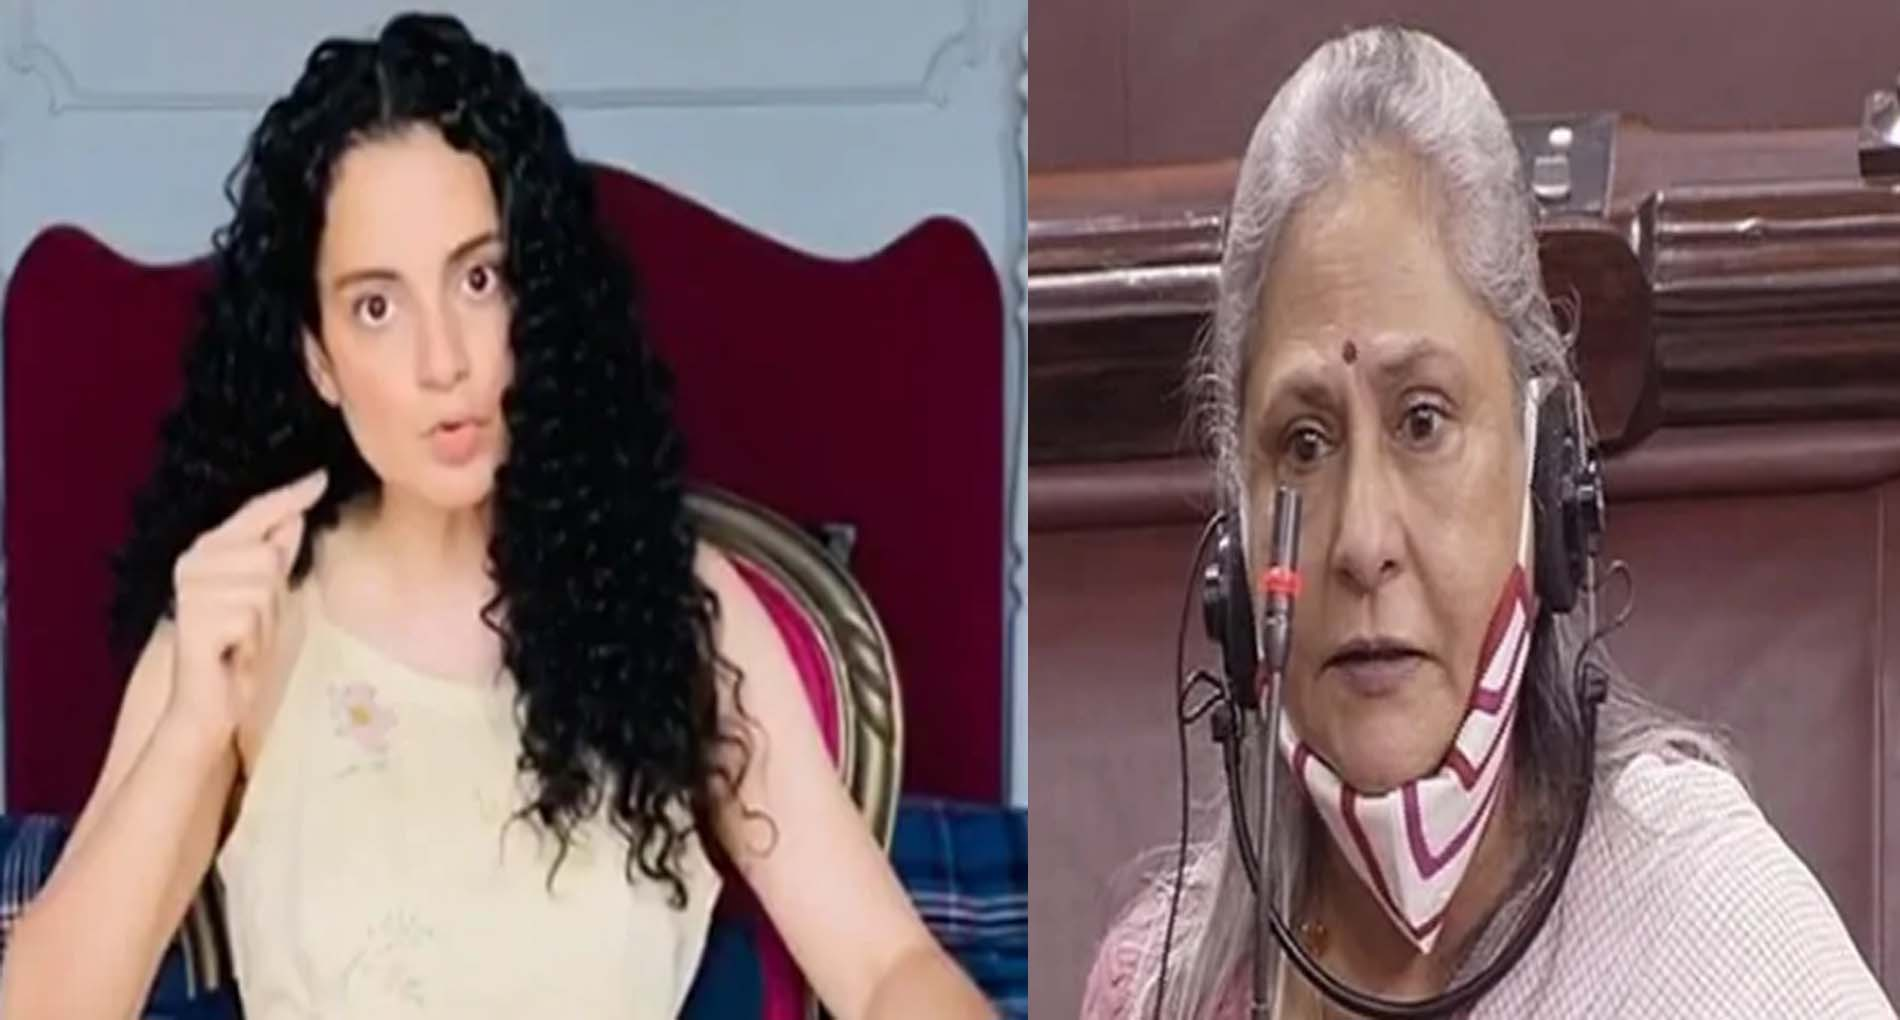 संसद में जया बच्चन के बयान पर कंगना रनौत का वार, कहा-सुशांत की जगह अभिषेक होते तब भी यही कहतीं?